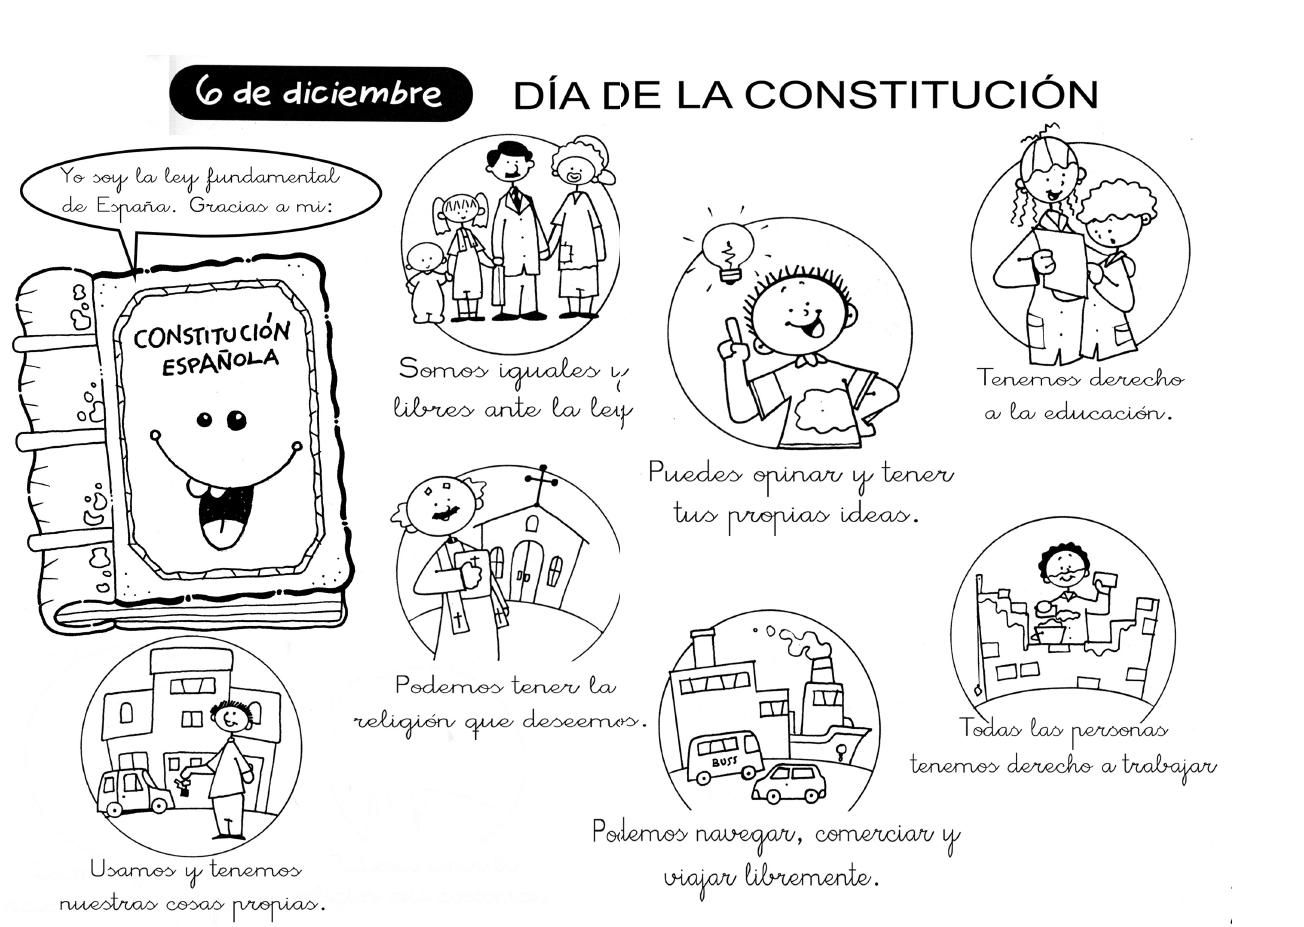 Constitucion Jpg 1 304 927 Pixeles Constitucion Para Ninos Dia De La Constitucion Constitucion Mexicana Para Ninos